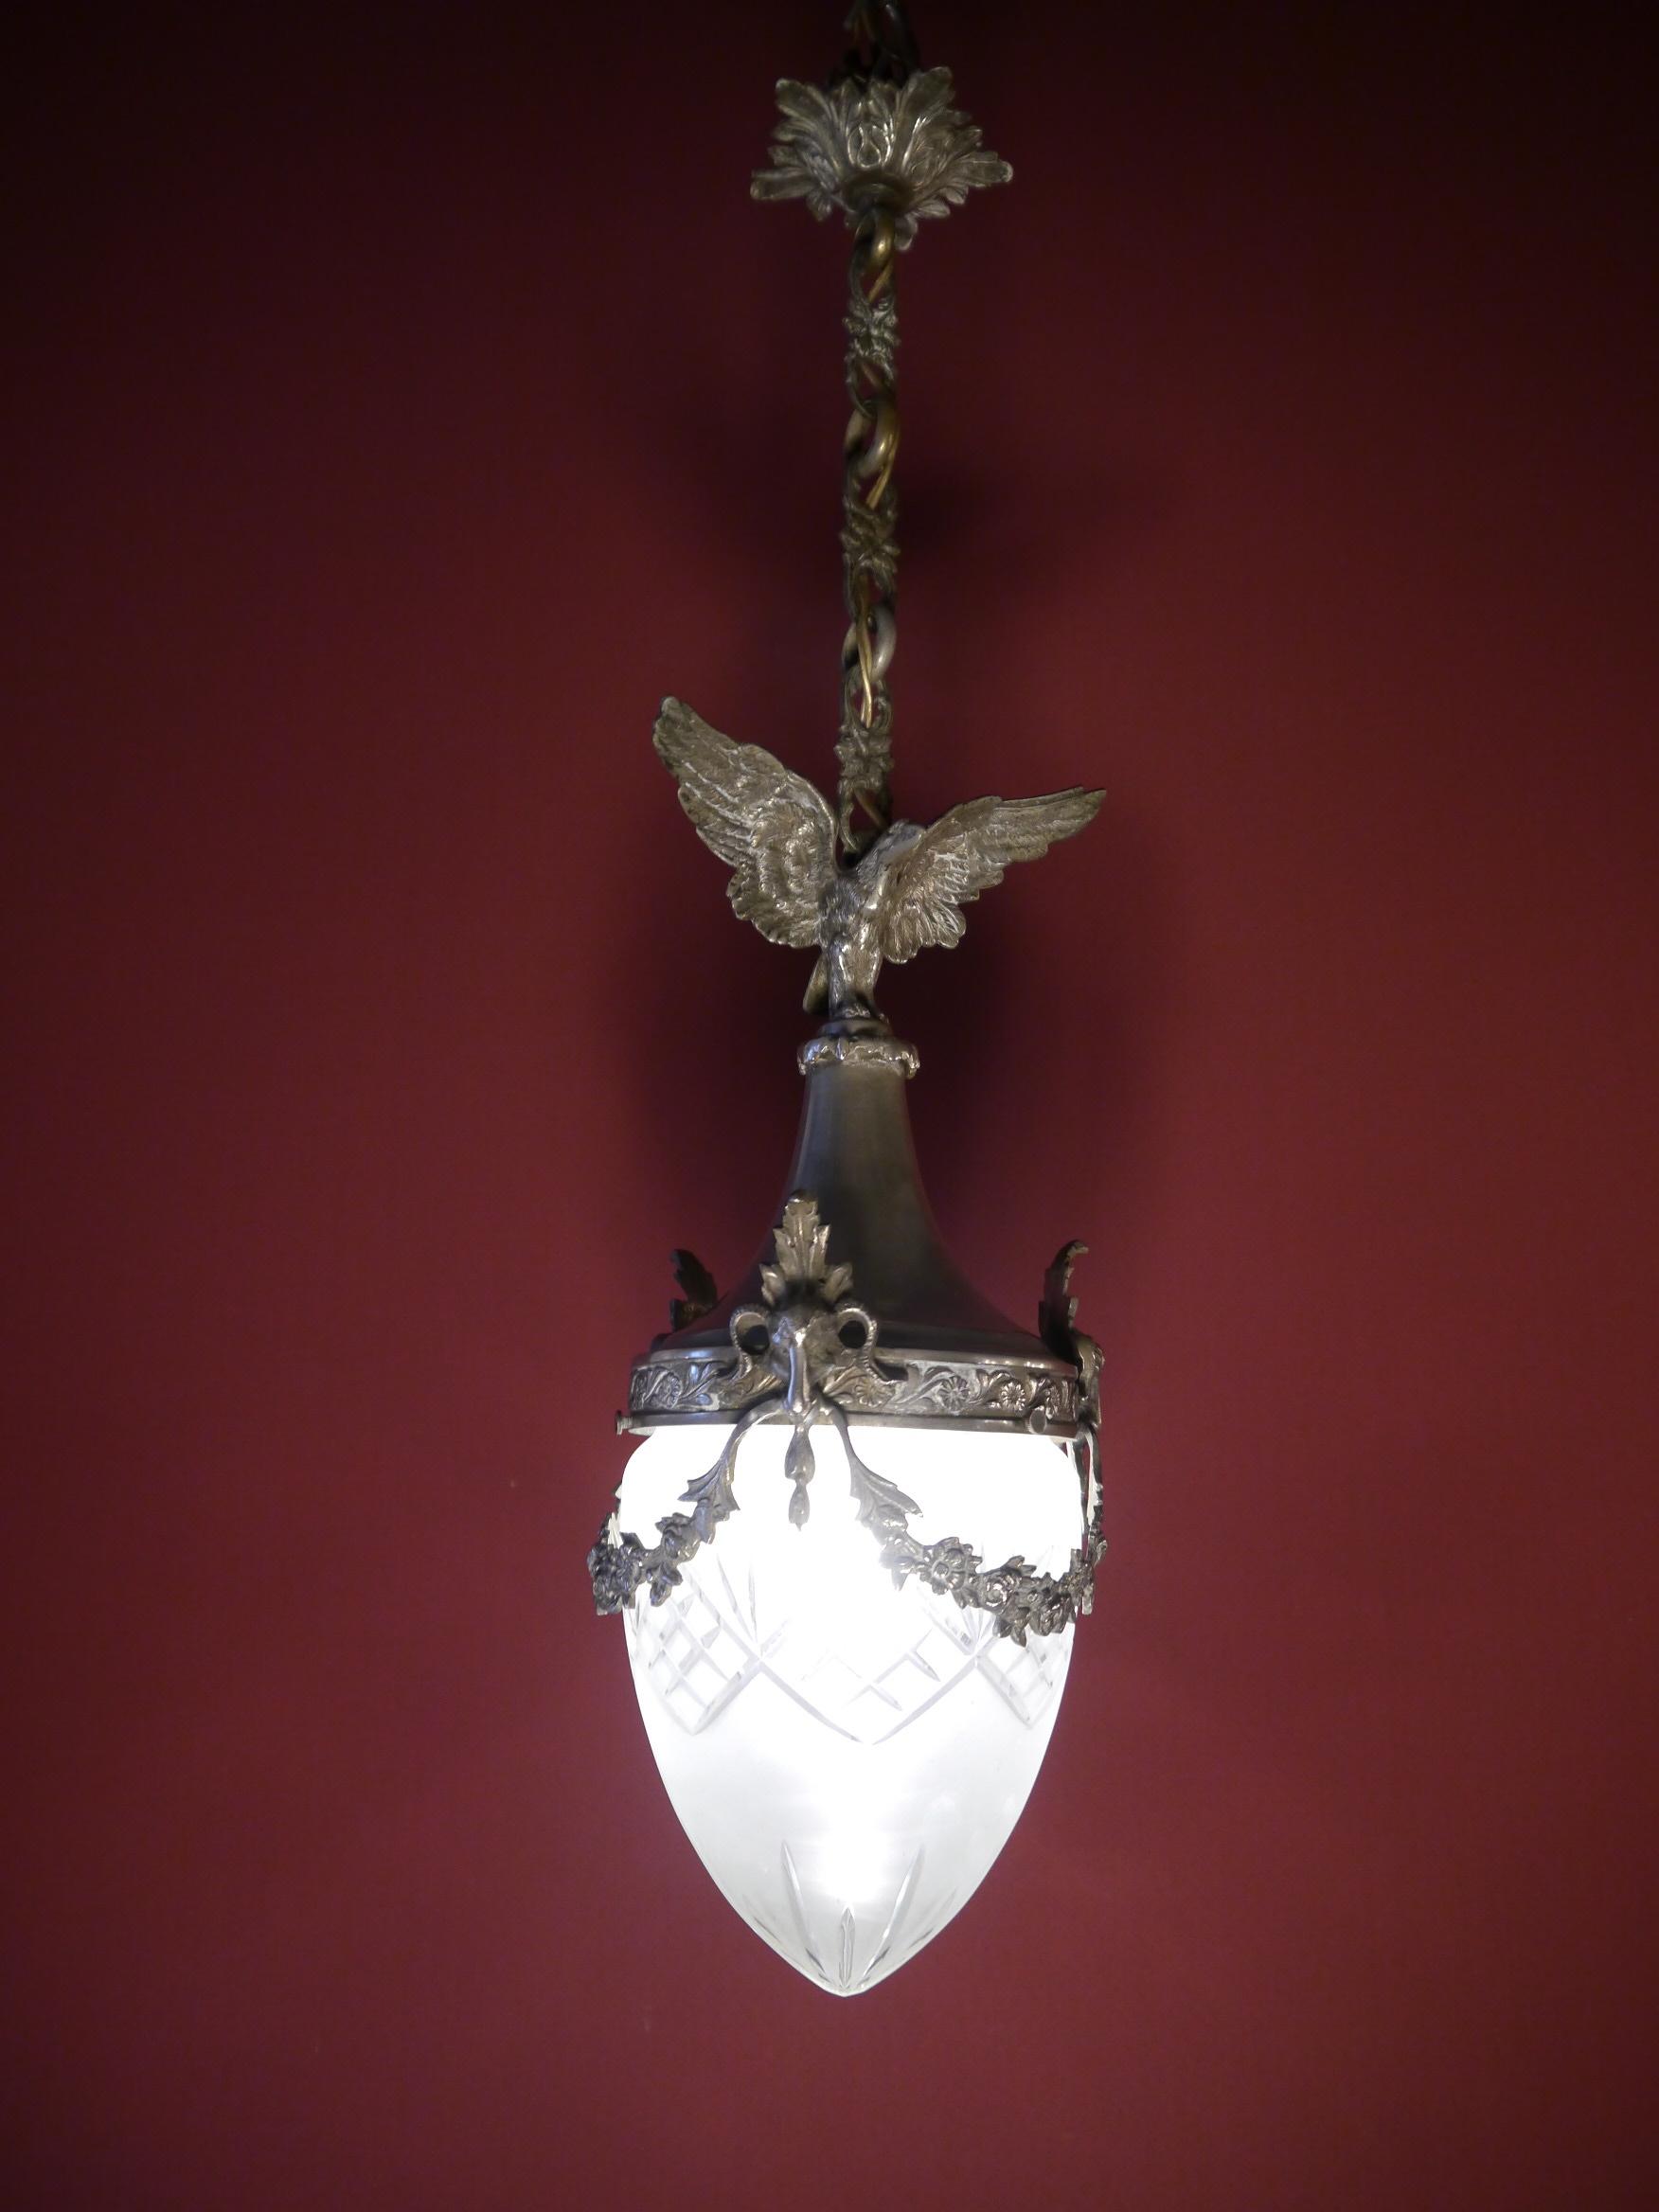 Einflammige Lampe Antik Großer Adler, Sehr Guter Zustand! VERKAUFT